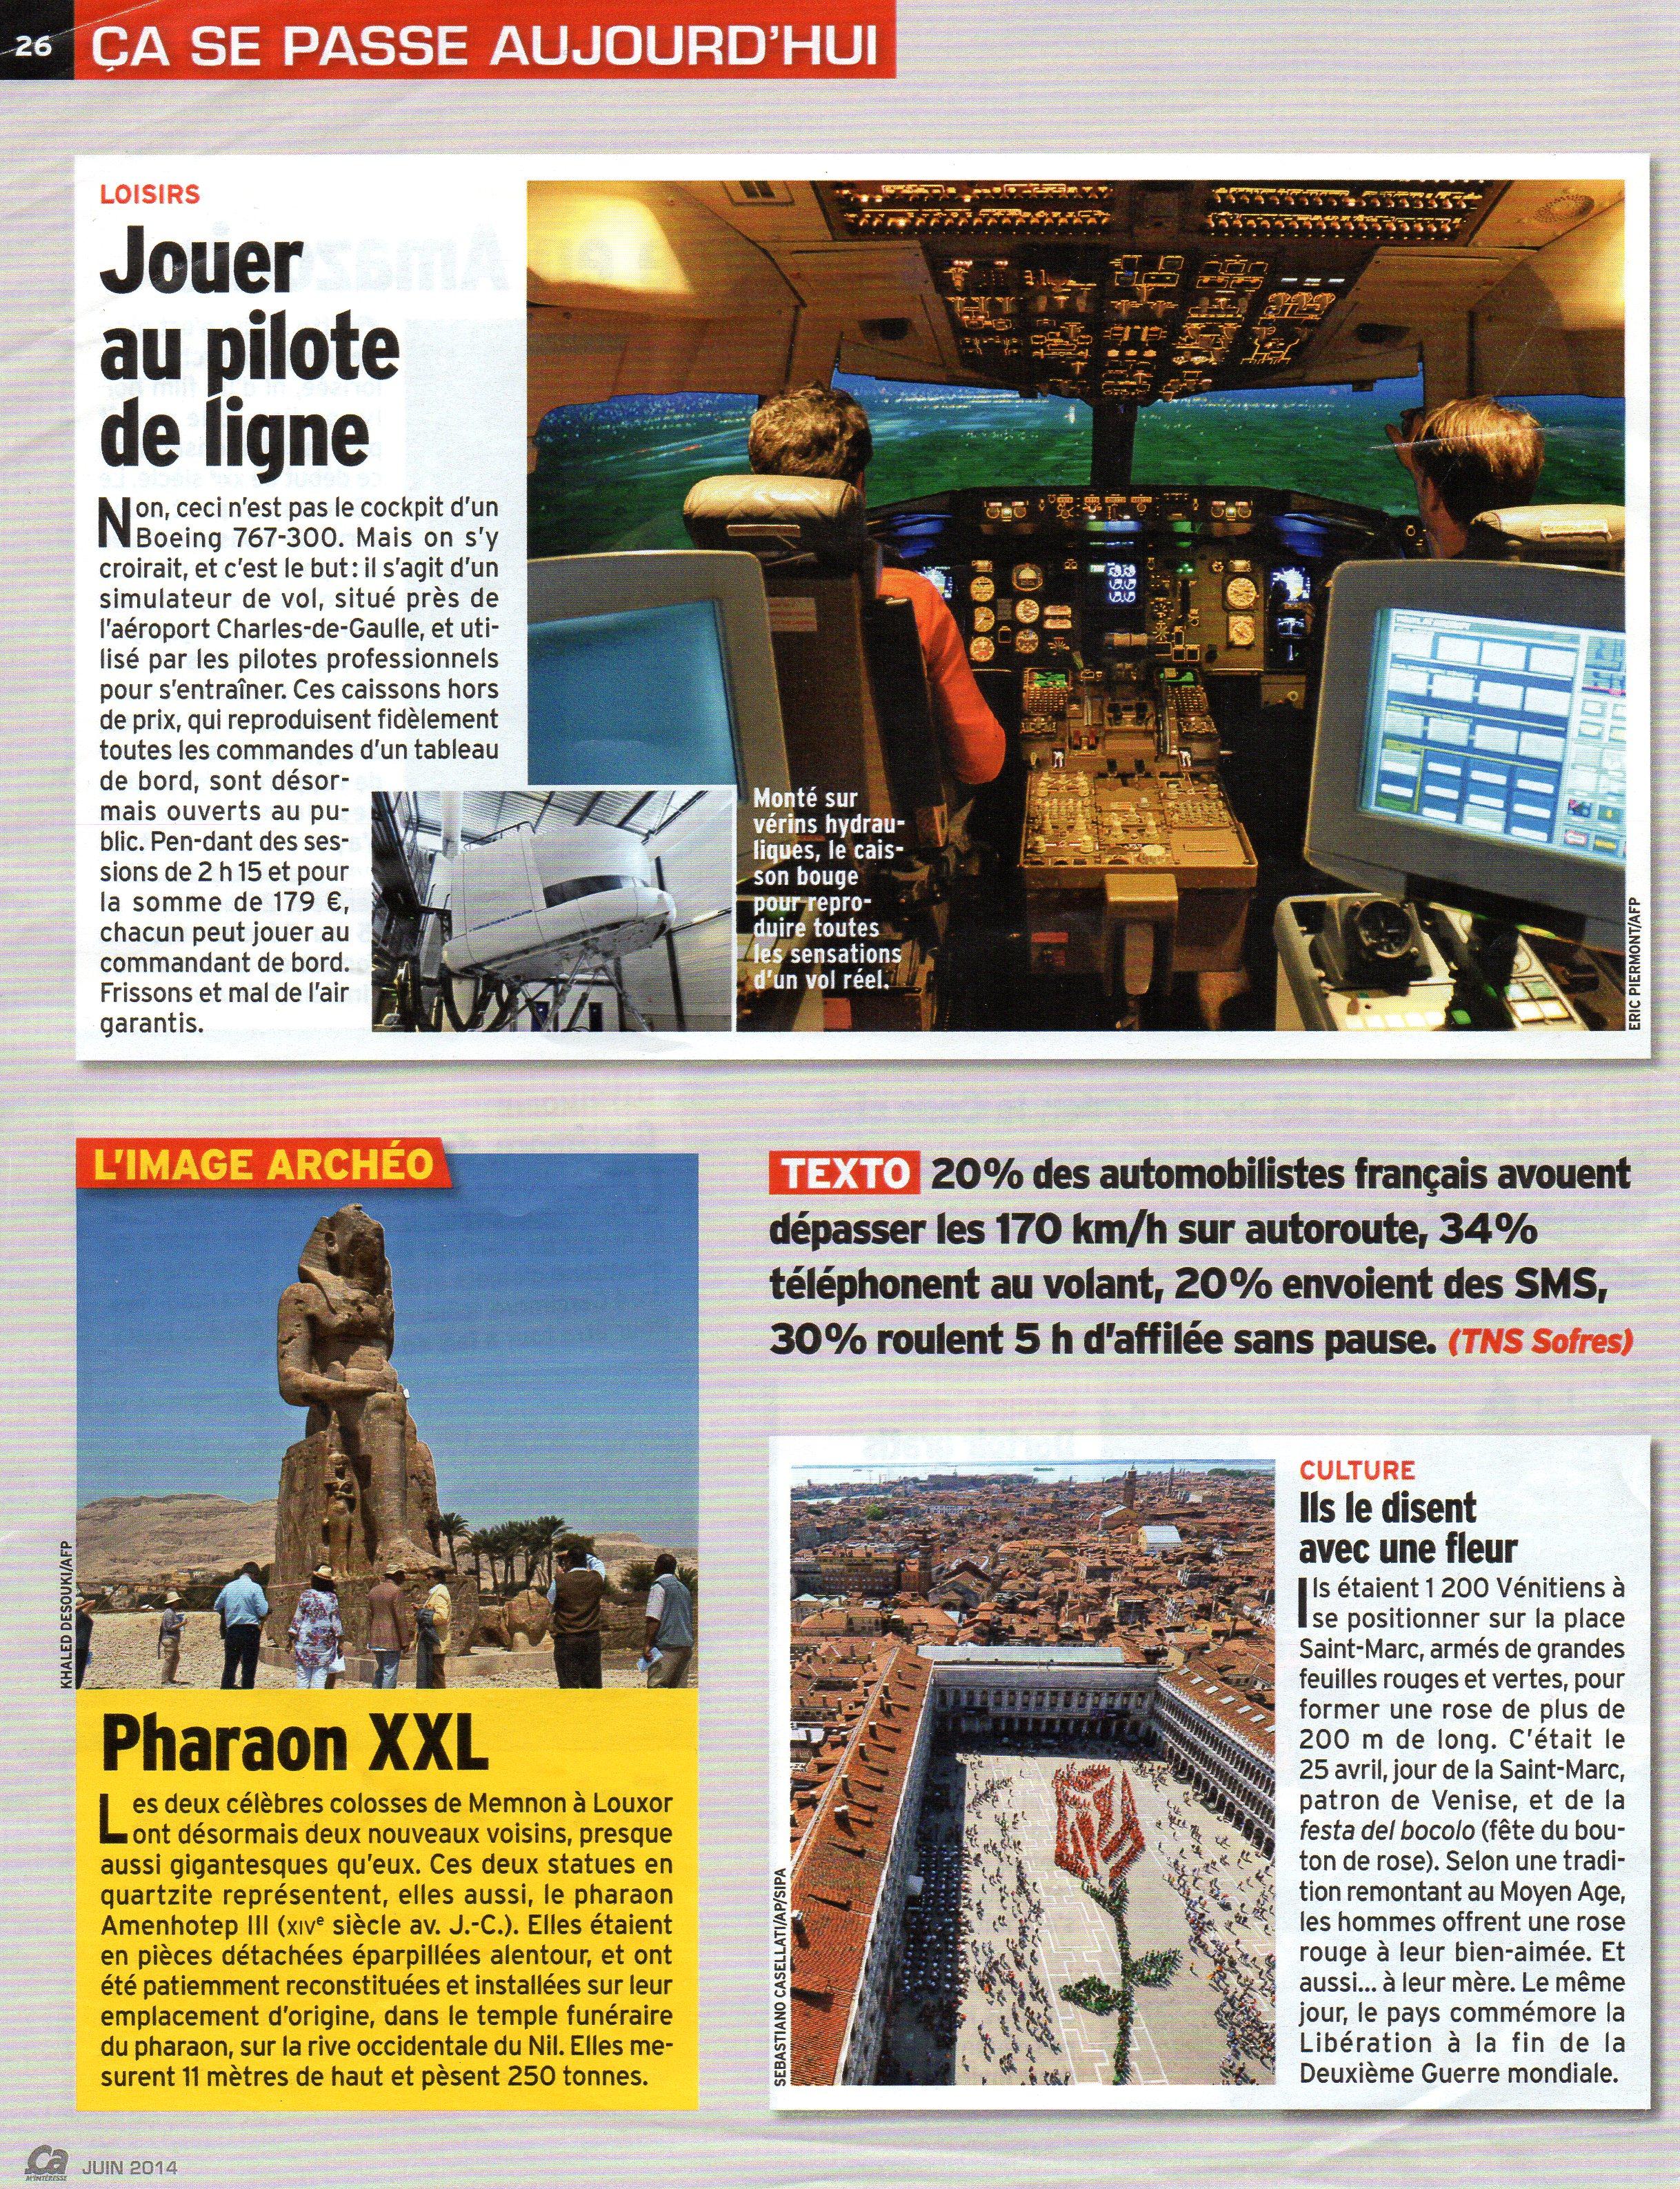 Magazine francese - giugno 2014